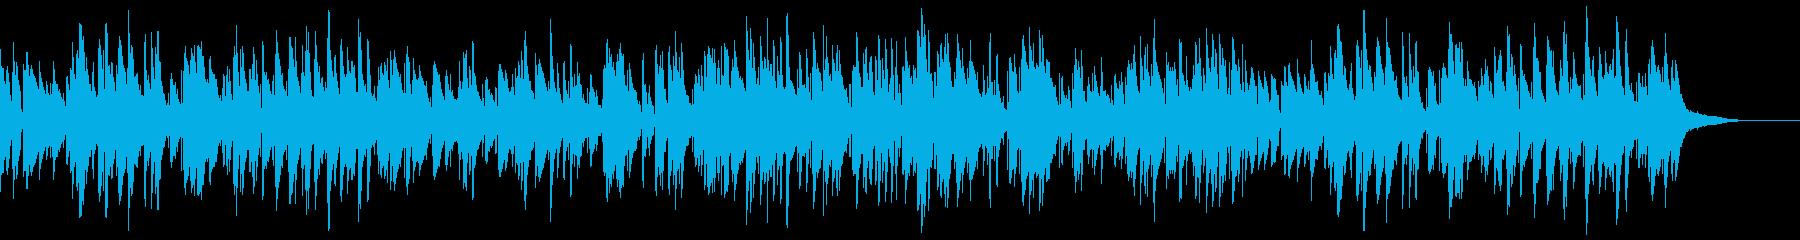 お洒落でキャッチーなジャズピアノトリオ8の再生済みの波形